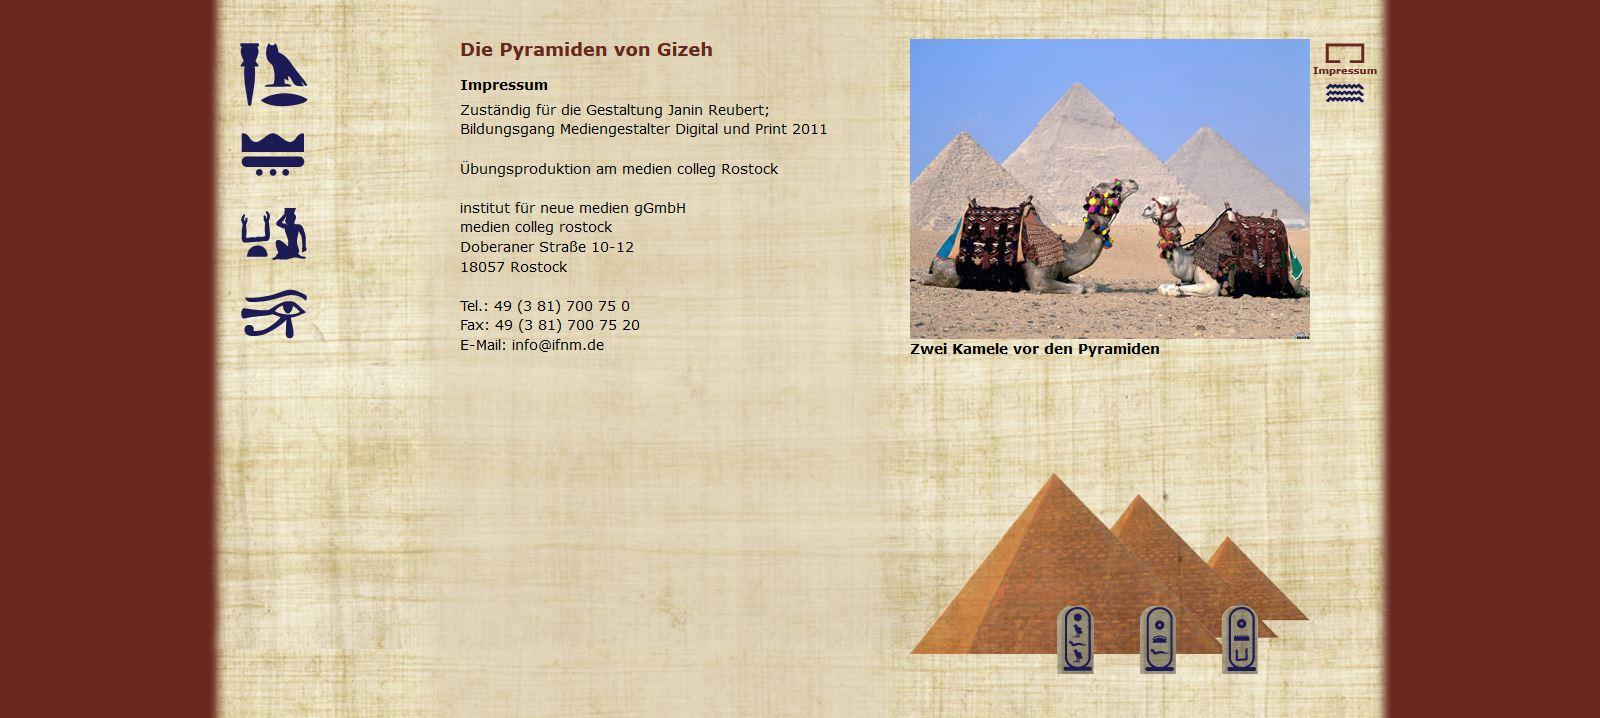 Die Pyramiden von Gizeh - Impressum